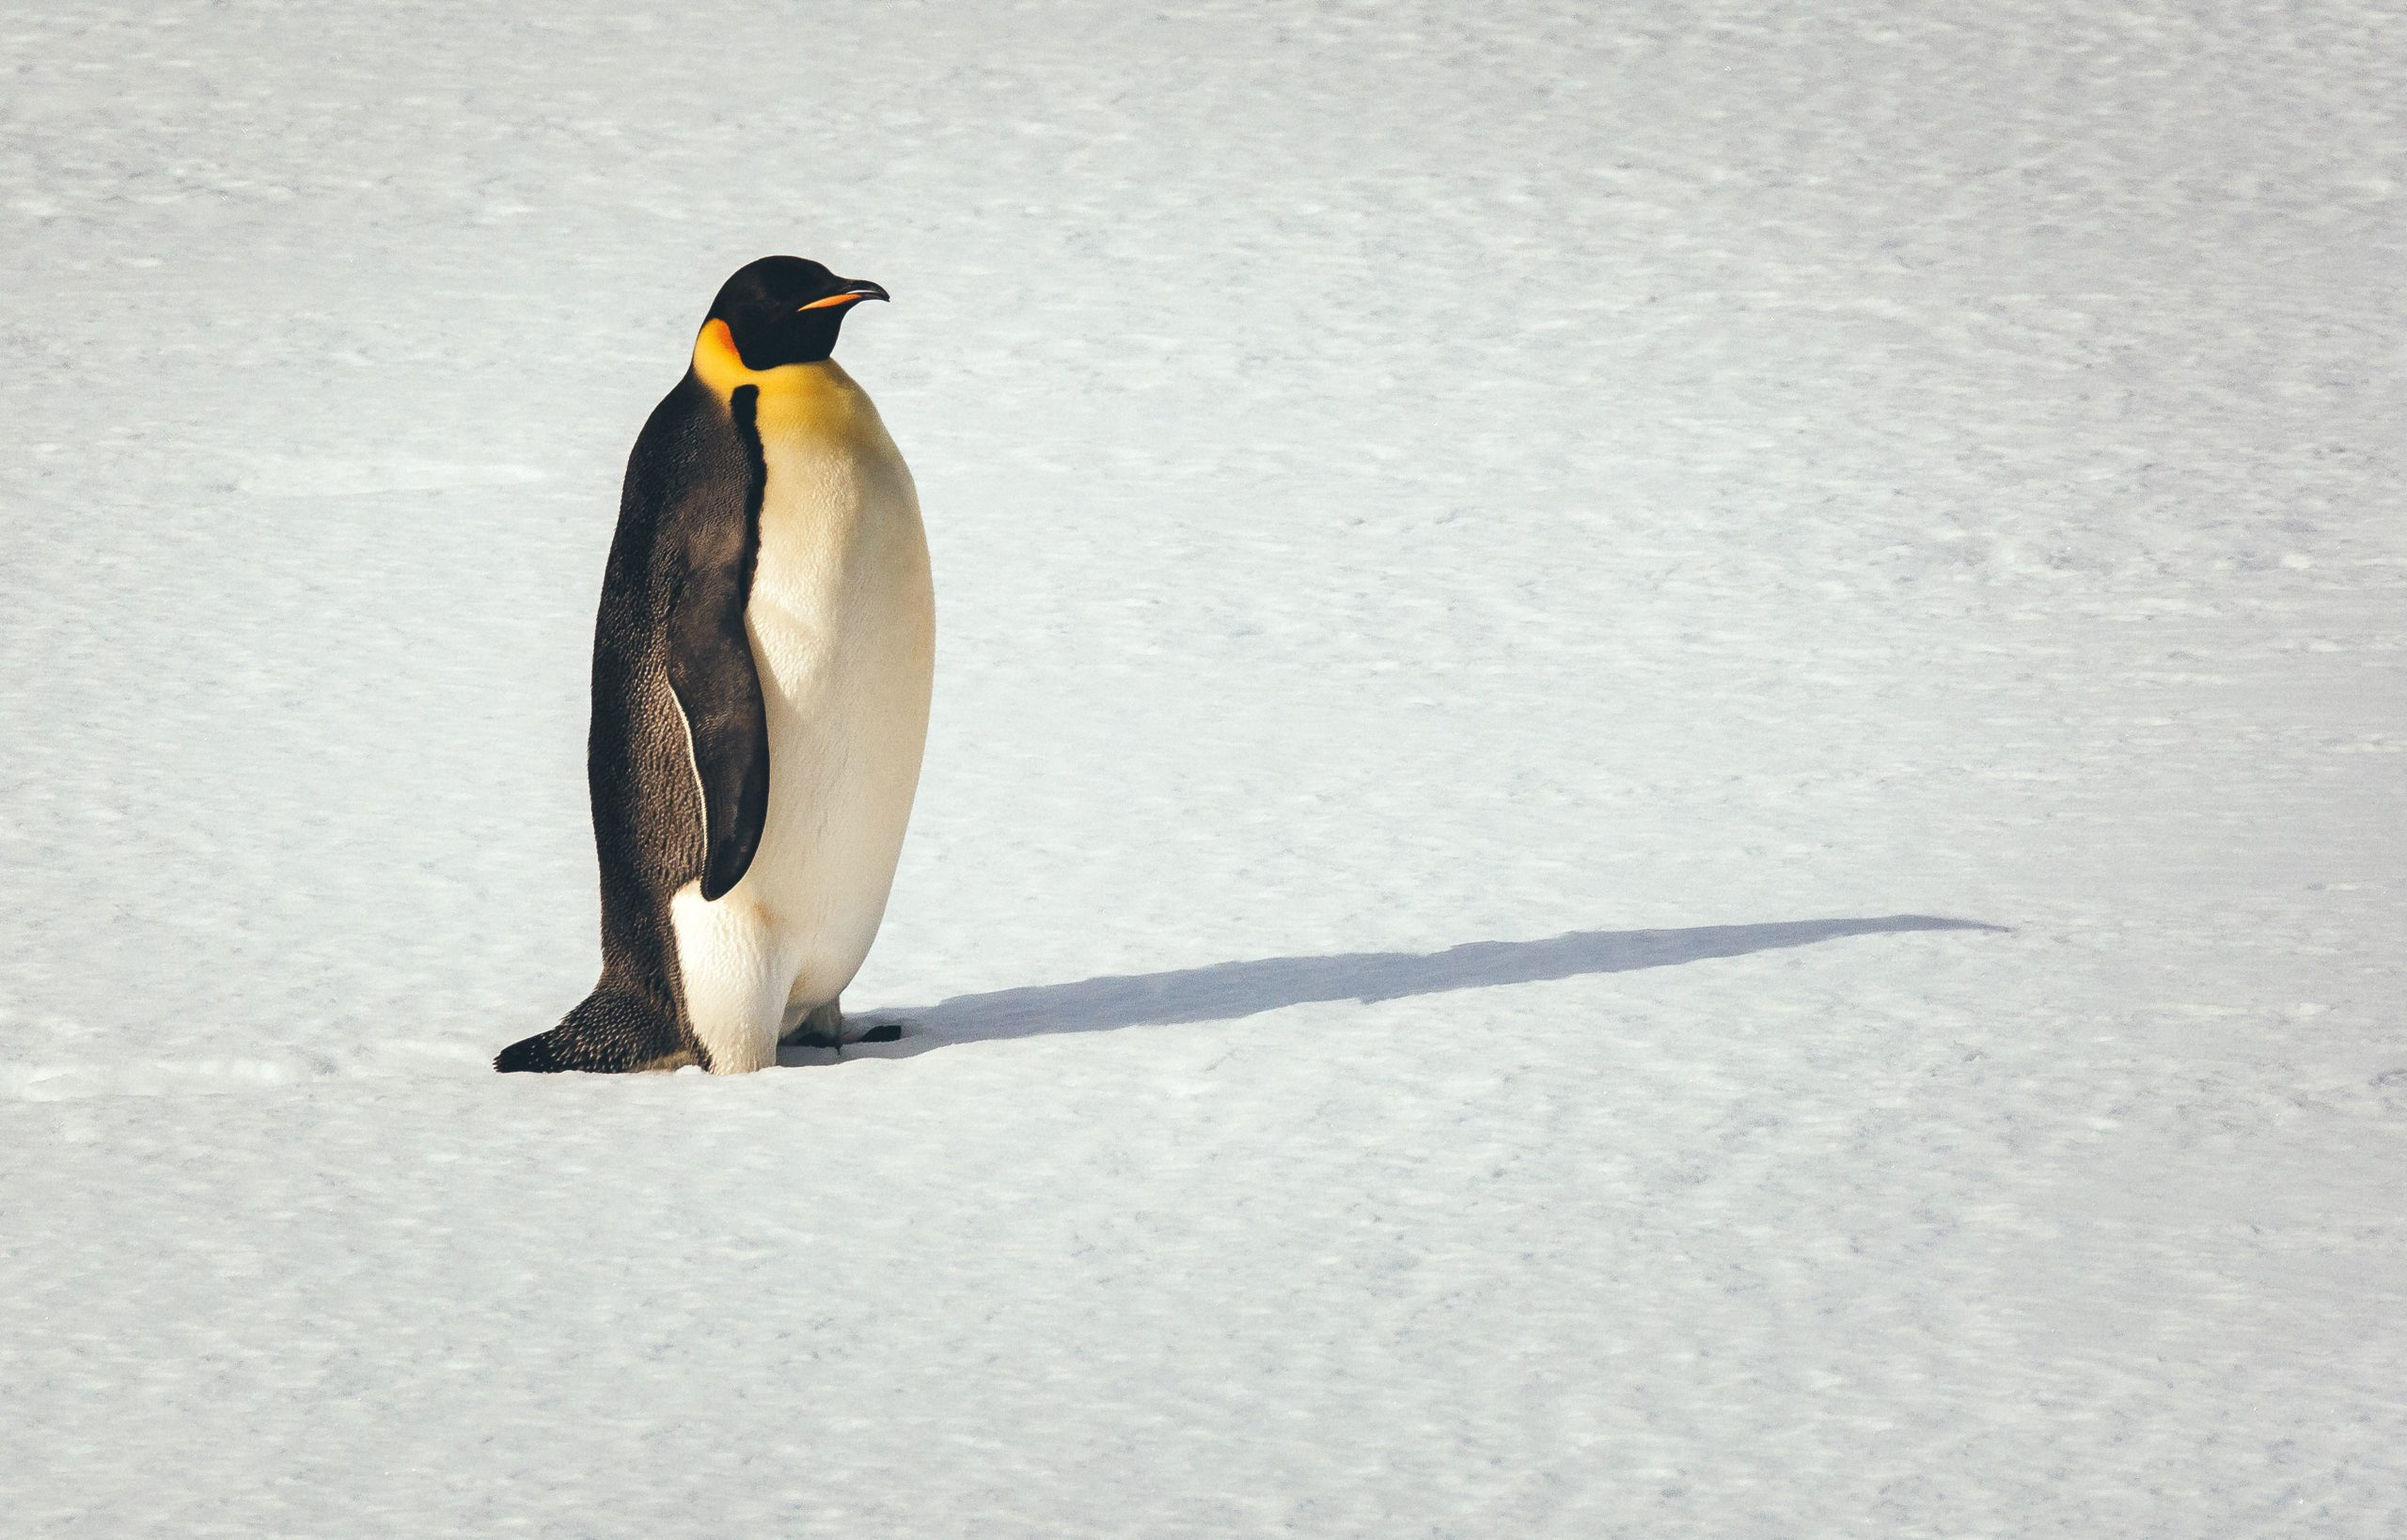 emperor penguin walking across the snow